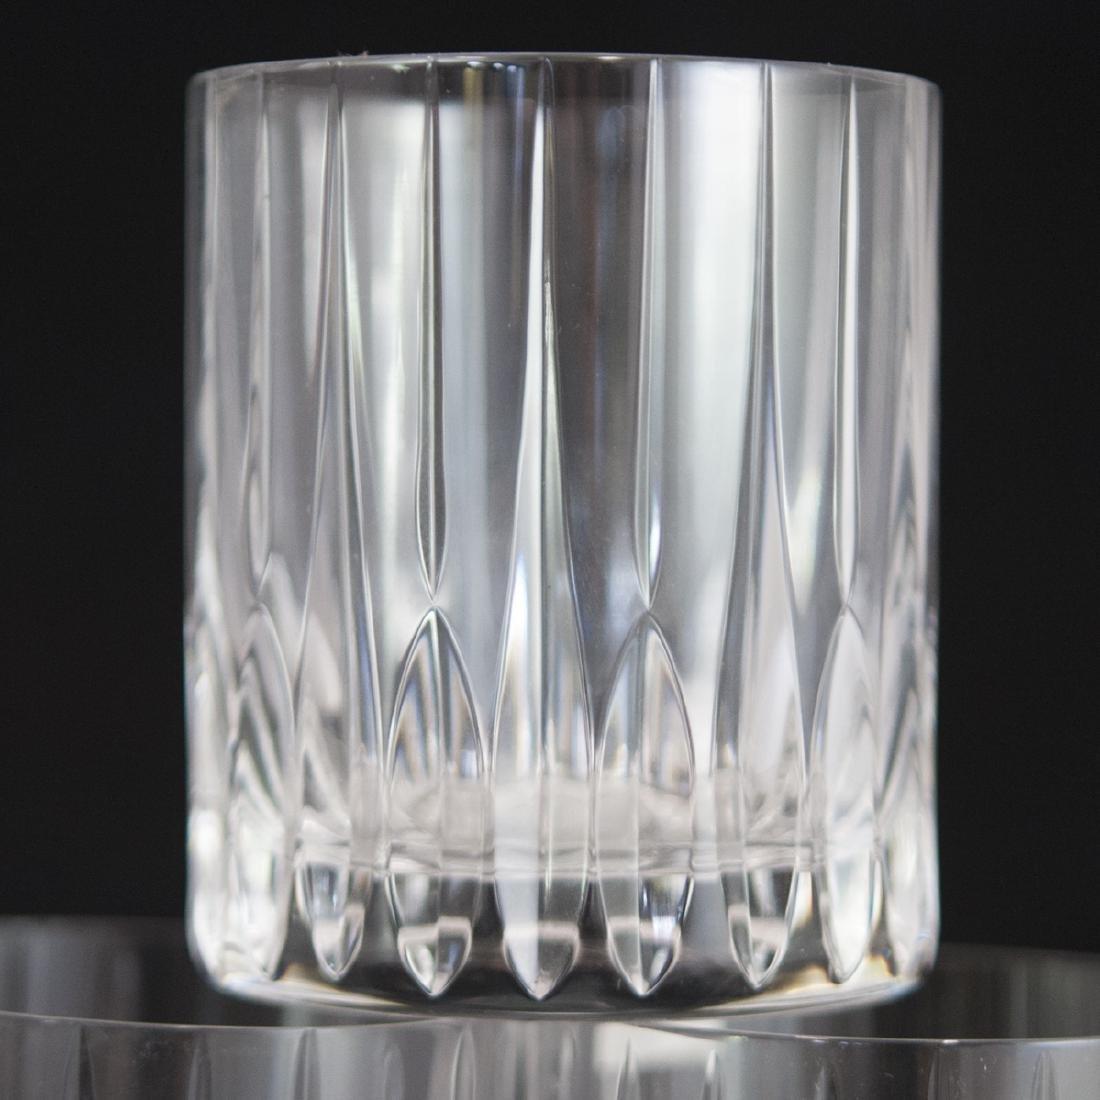 Oscar De La Renta Crystal Glasses - 3